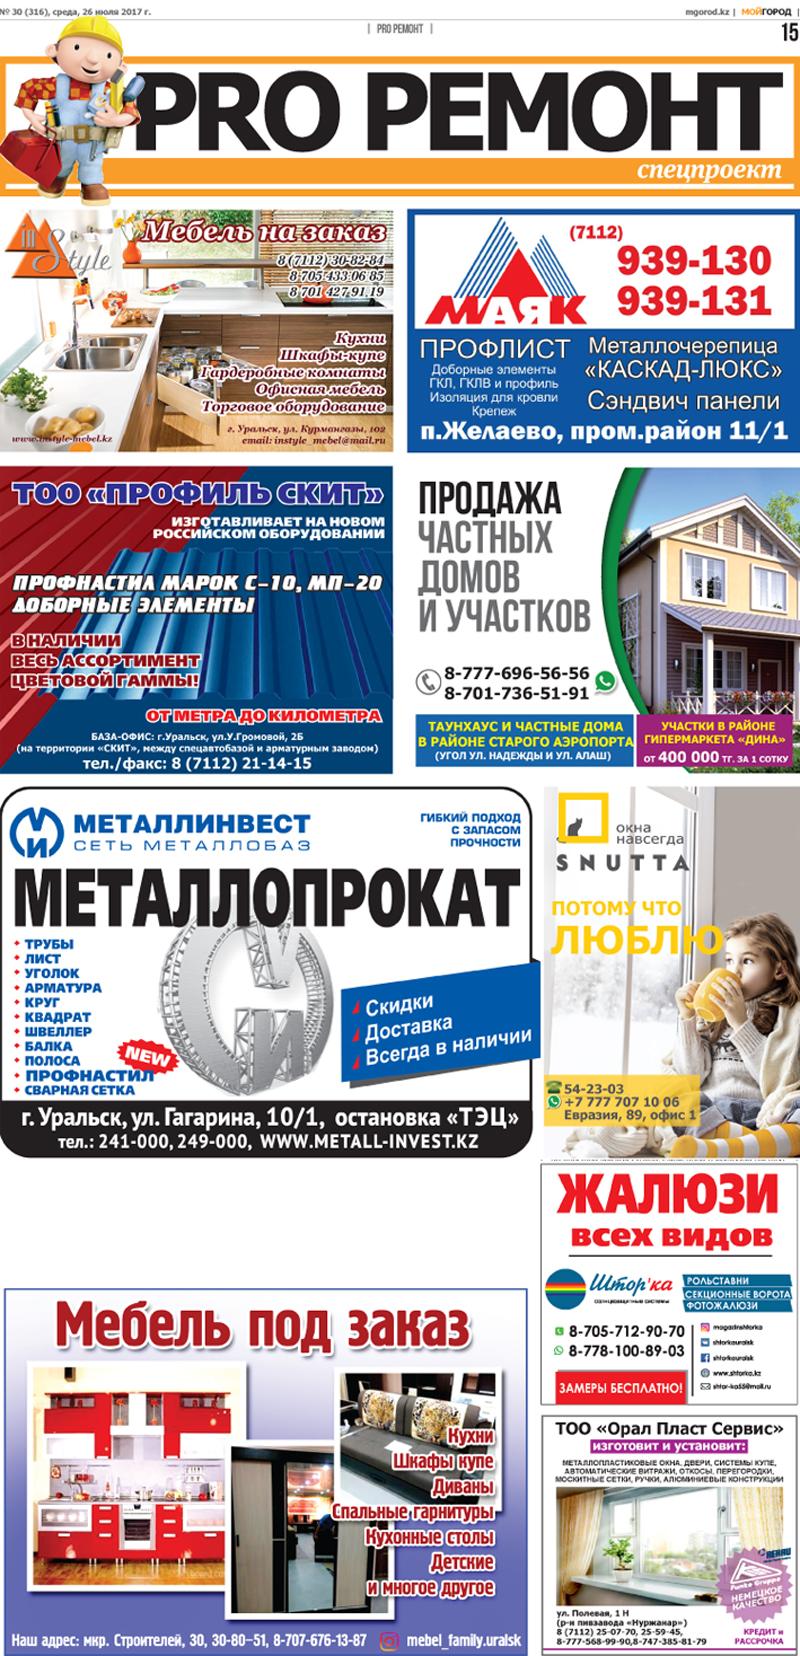 Новости Уральск - Рубрика «PROремонт» дает полезные советы pro remont 30